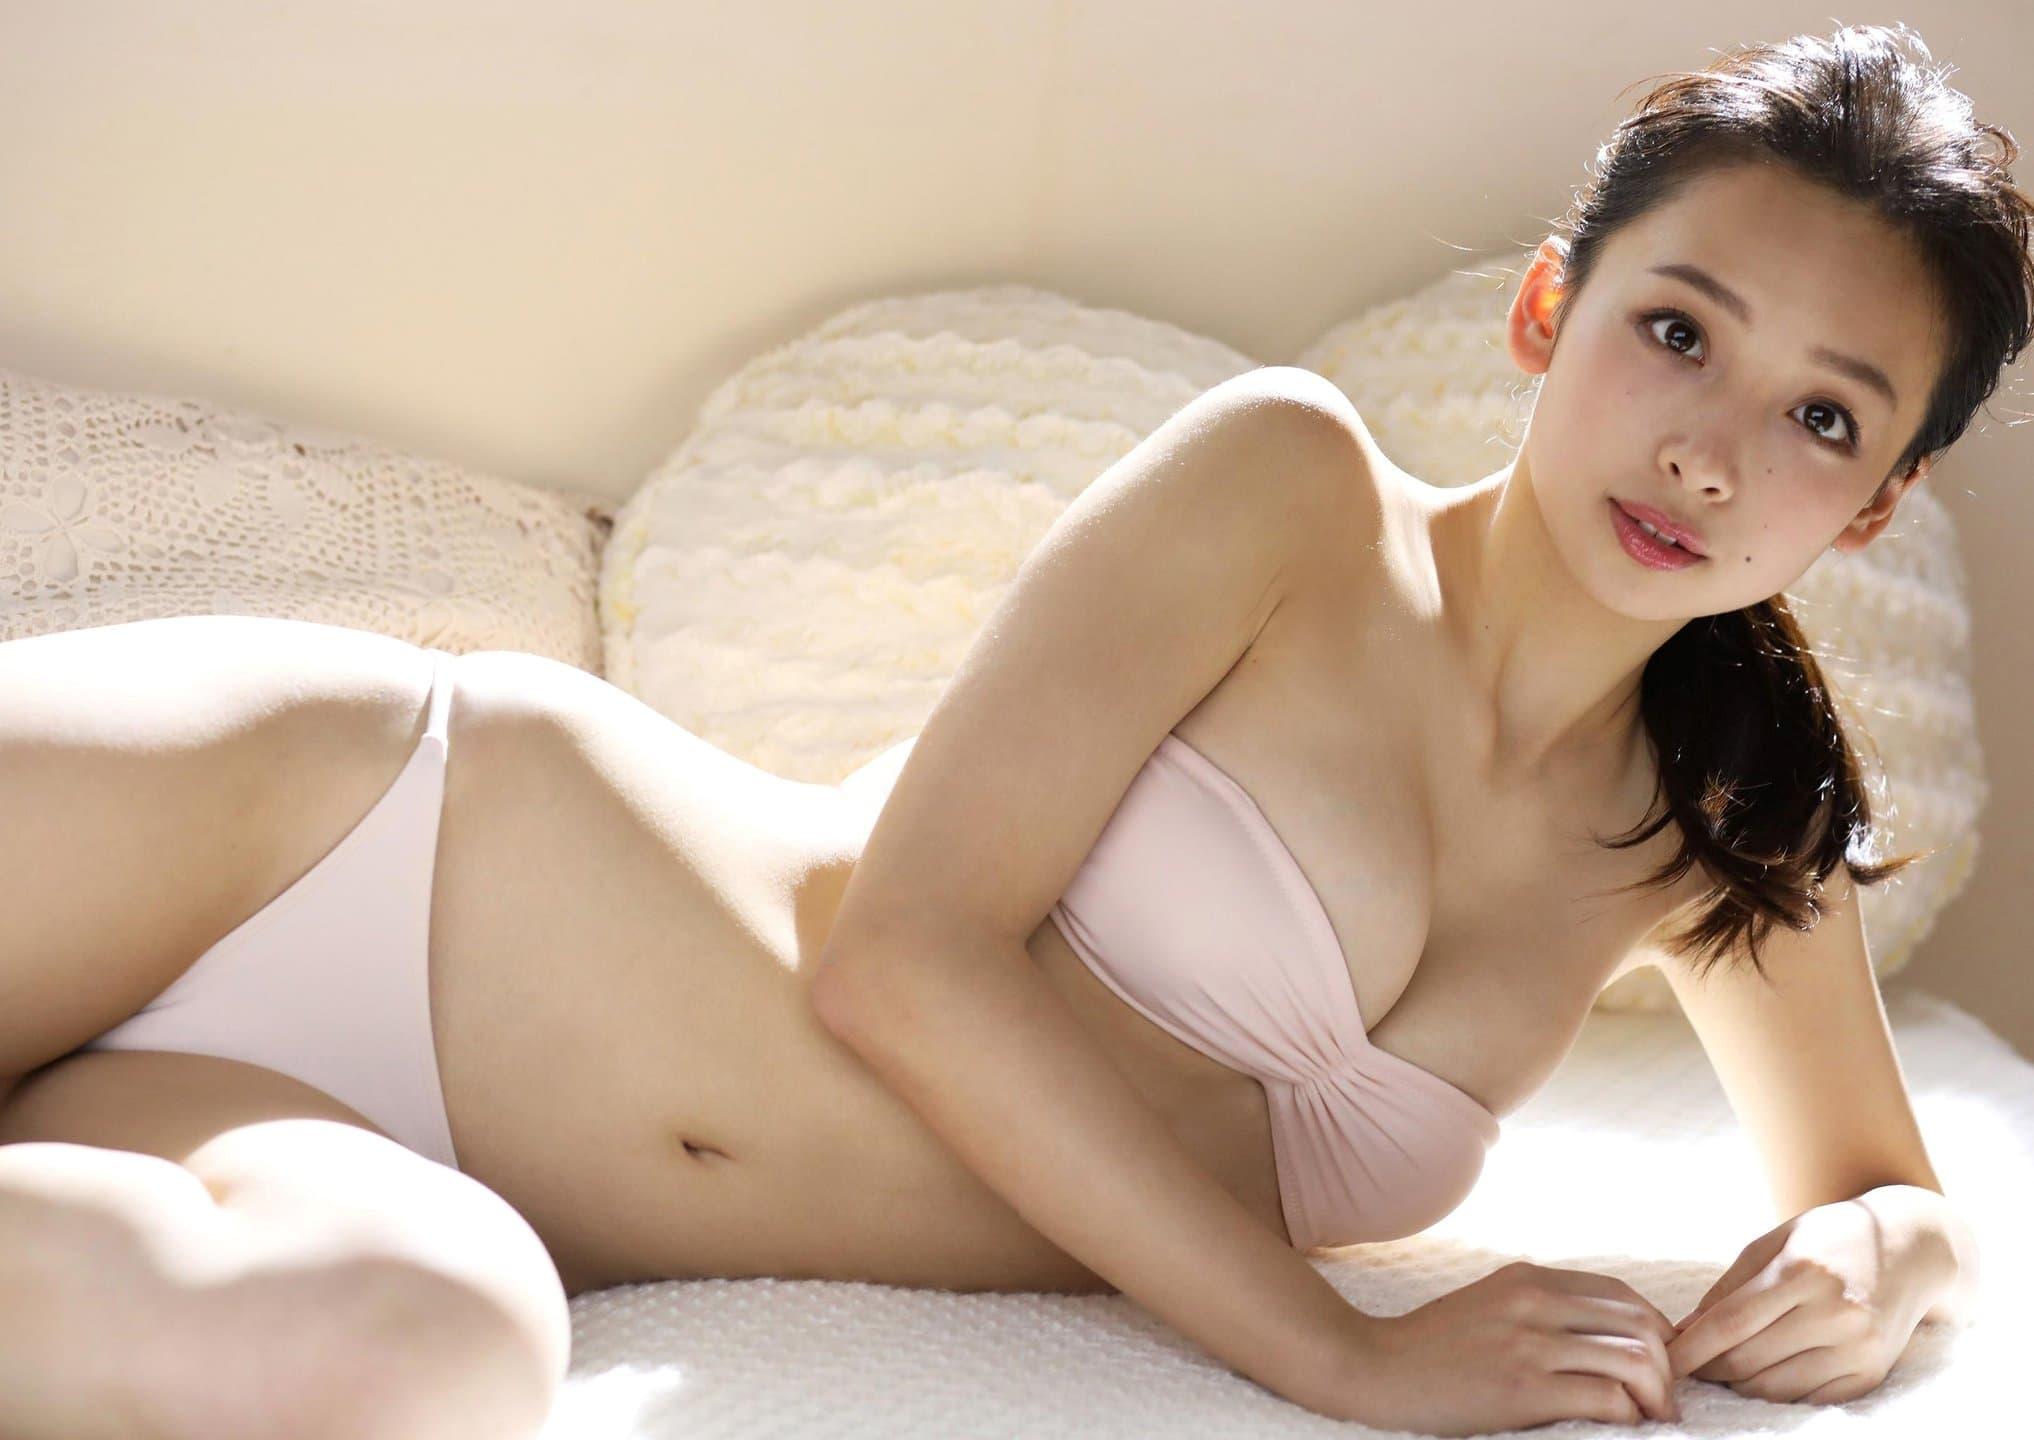 グラビアアイドル写真集|168センチの長身に長い手に抜群のスタイルを持つ華村あすか超高画質グラビア画像まとめ9 100枚